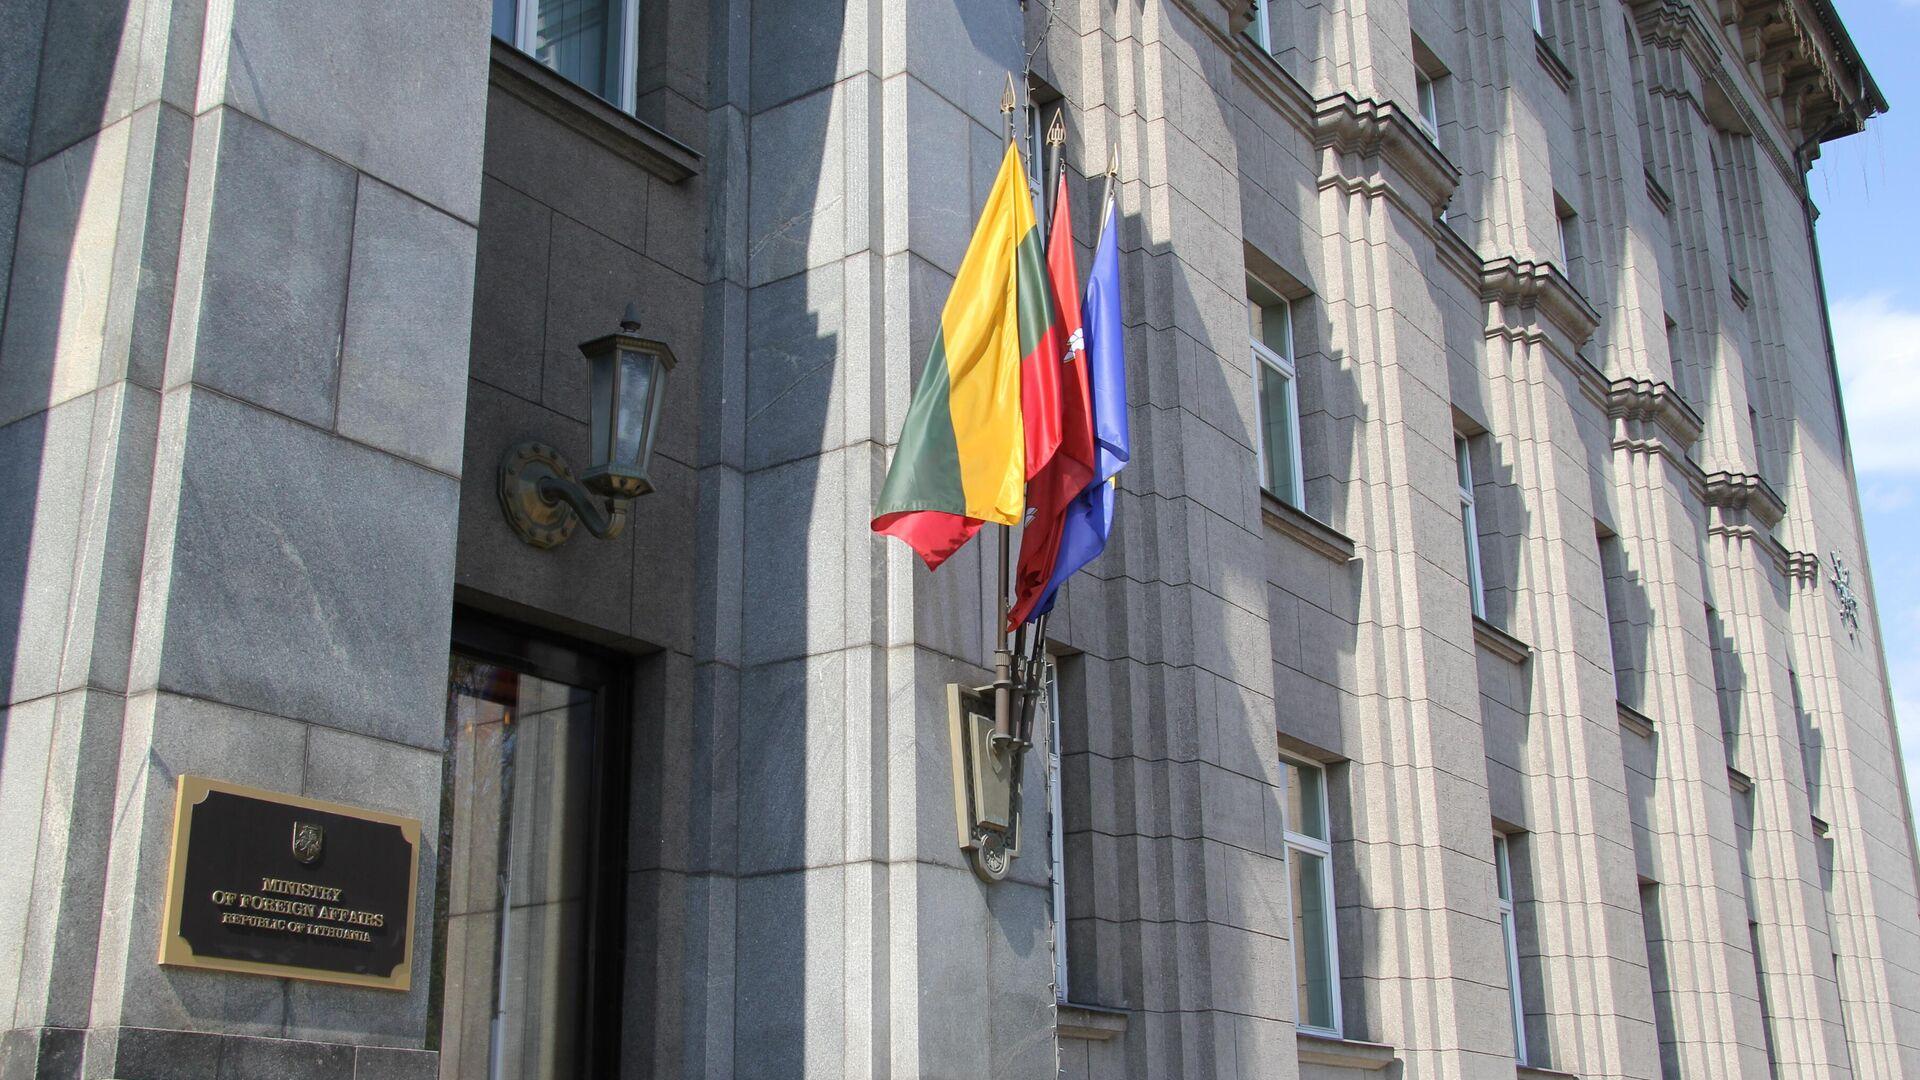 Здание МИД Литвы - РИА Новости, 1920, 12.08.2021